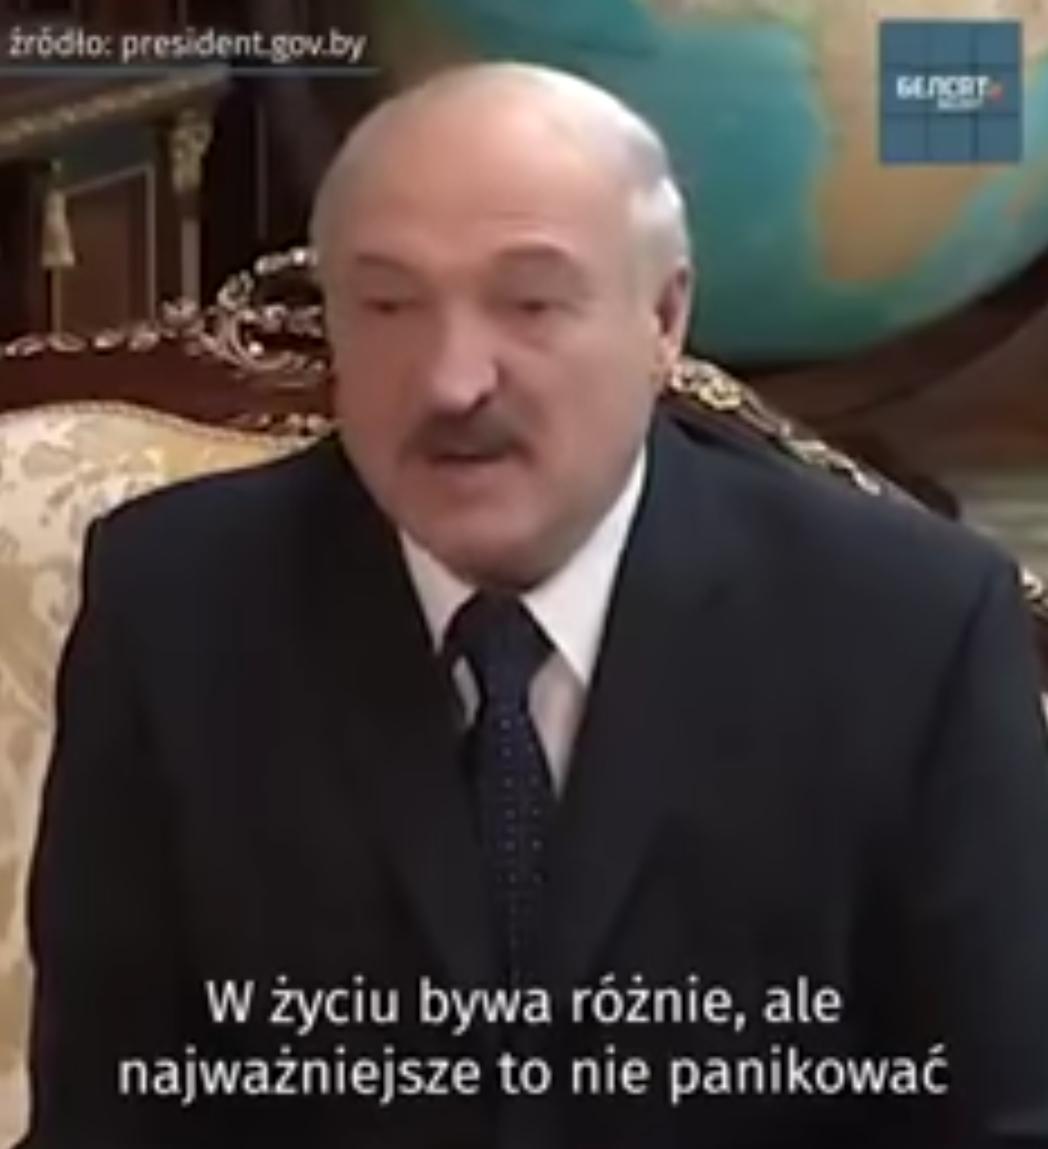 Gdzie jest więcej wolności? Polska czy Białoruś?